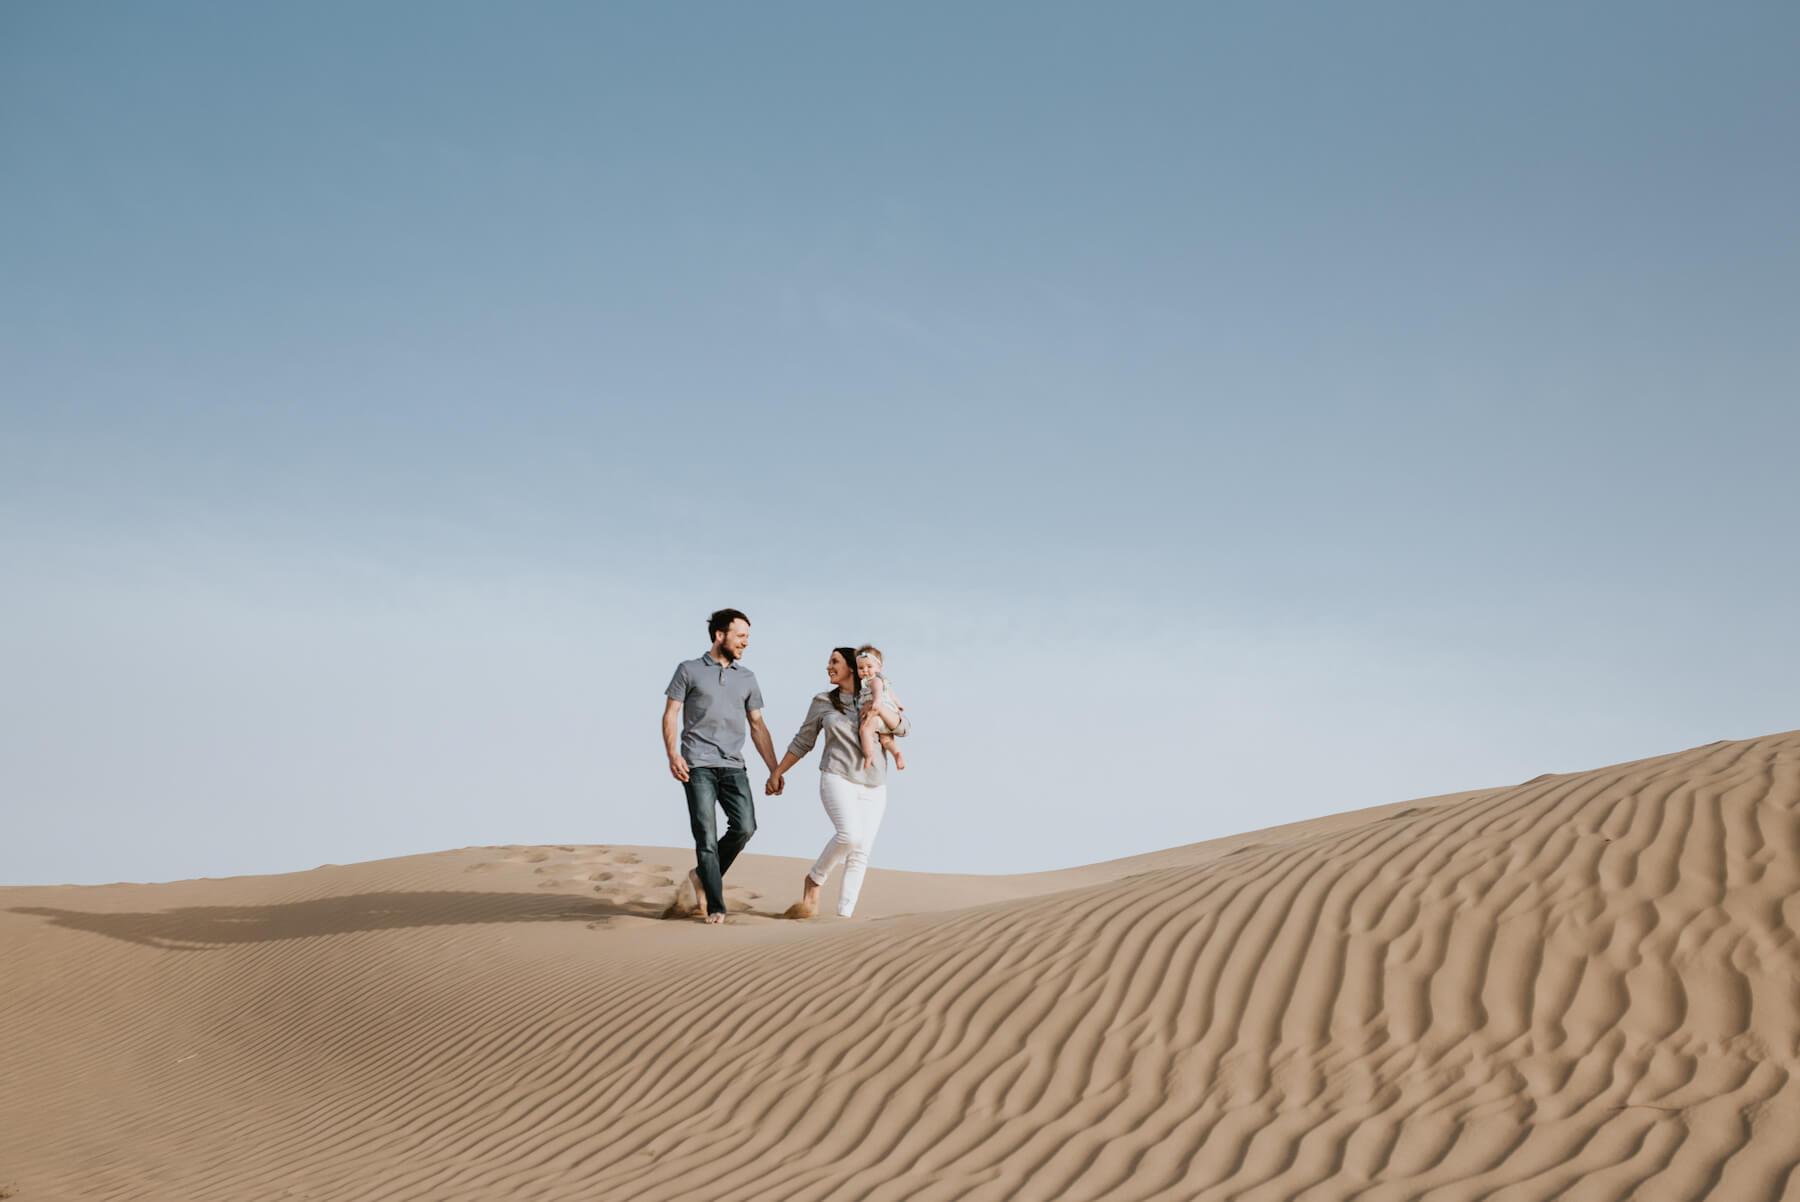 Family in Dubai walking in the desert holding a baby in Dubai, UAE